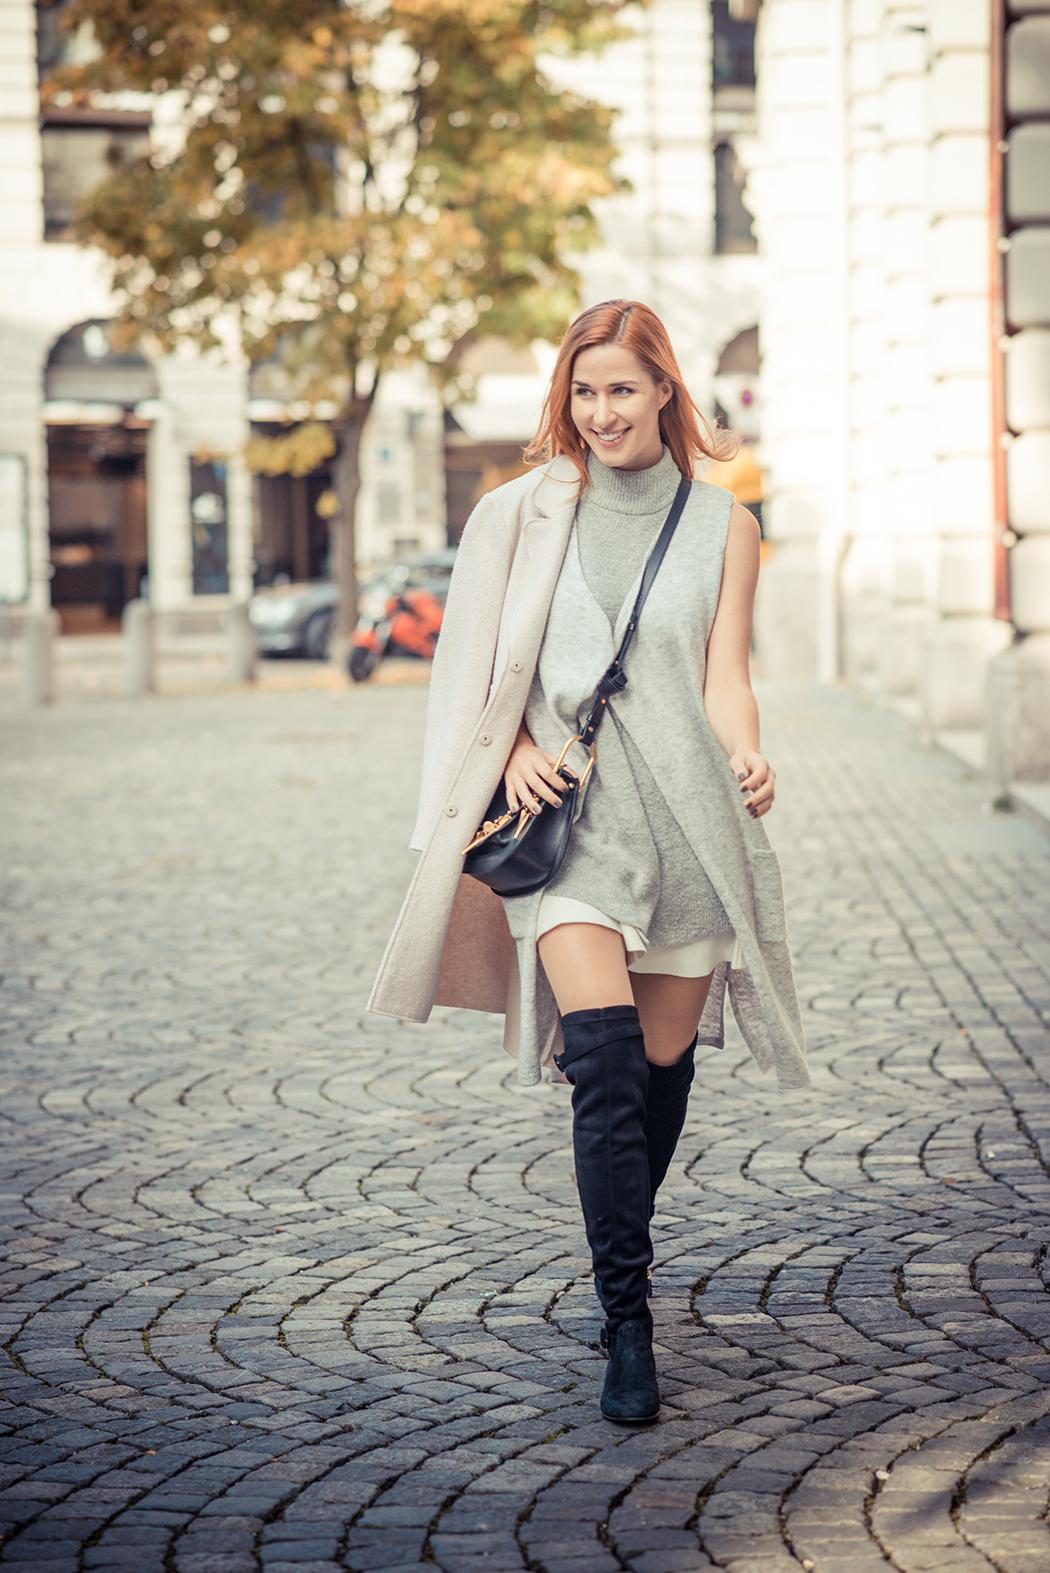 Fashionblog-Fashionblogger-Fashion-Blog-Blogger-Lifestyle-München-Deutschland-Munich-Germany-Streetstyle-Lagenlook-Chloe-Hudson-Embellished-Overknees-schwarz-4-web